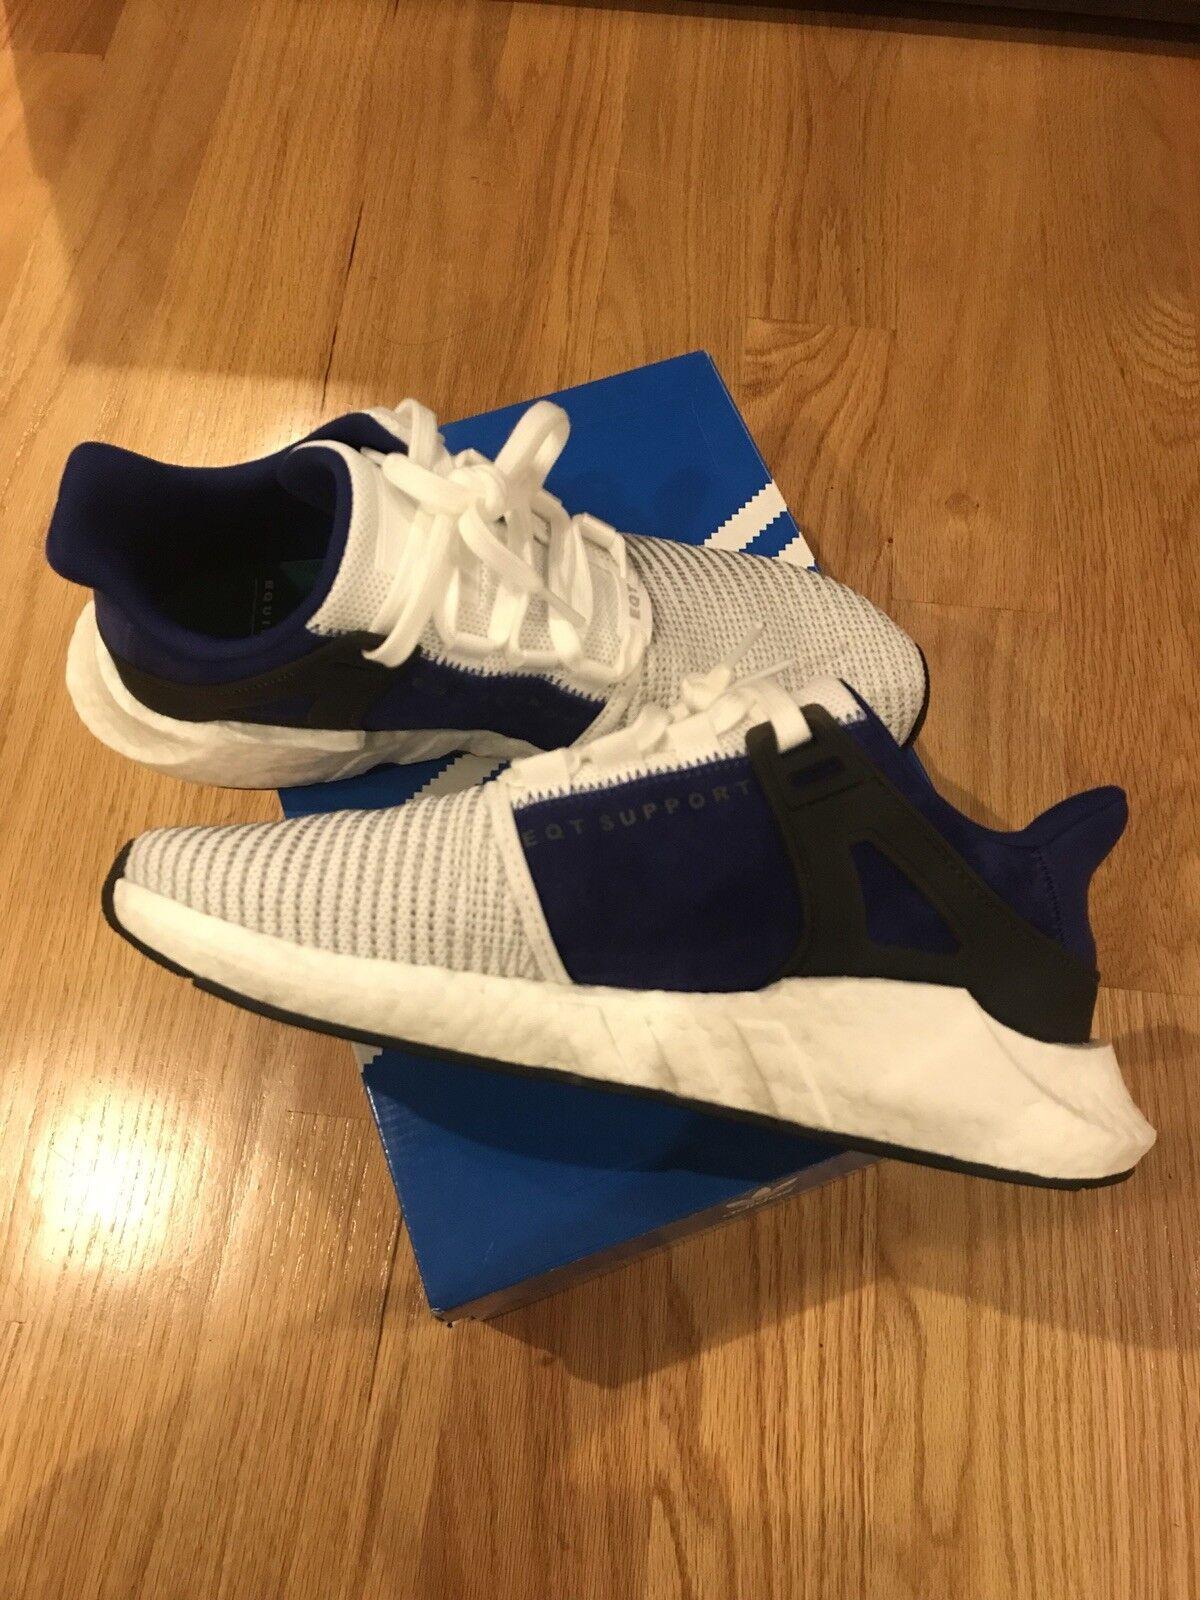 Adidas Originals EQT Support 93  17 Boost Mens  Dimensione 9.5 Blu bianco BZ0592 ADV  più preferenziale